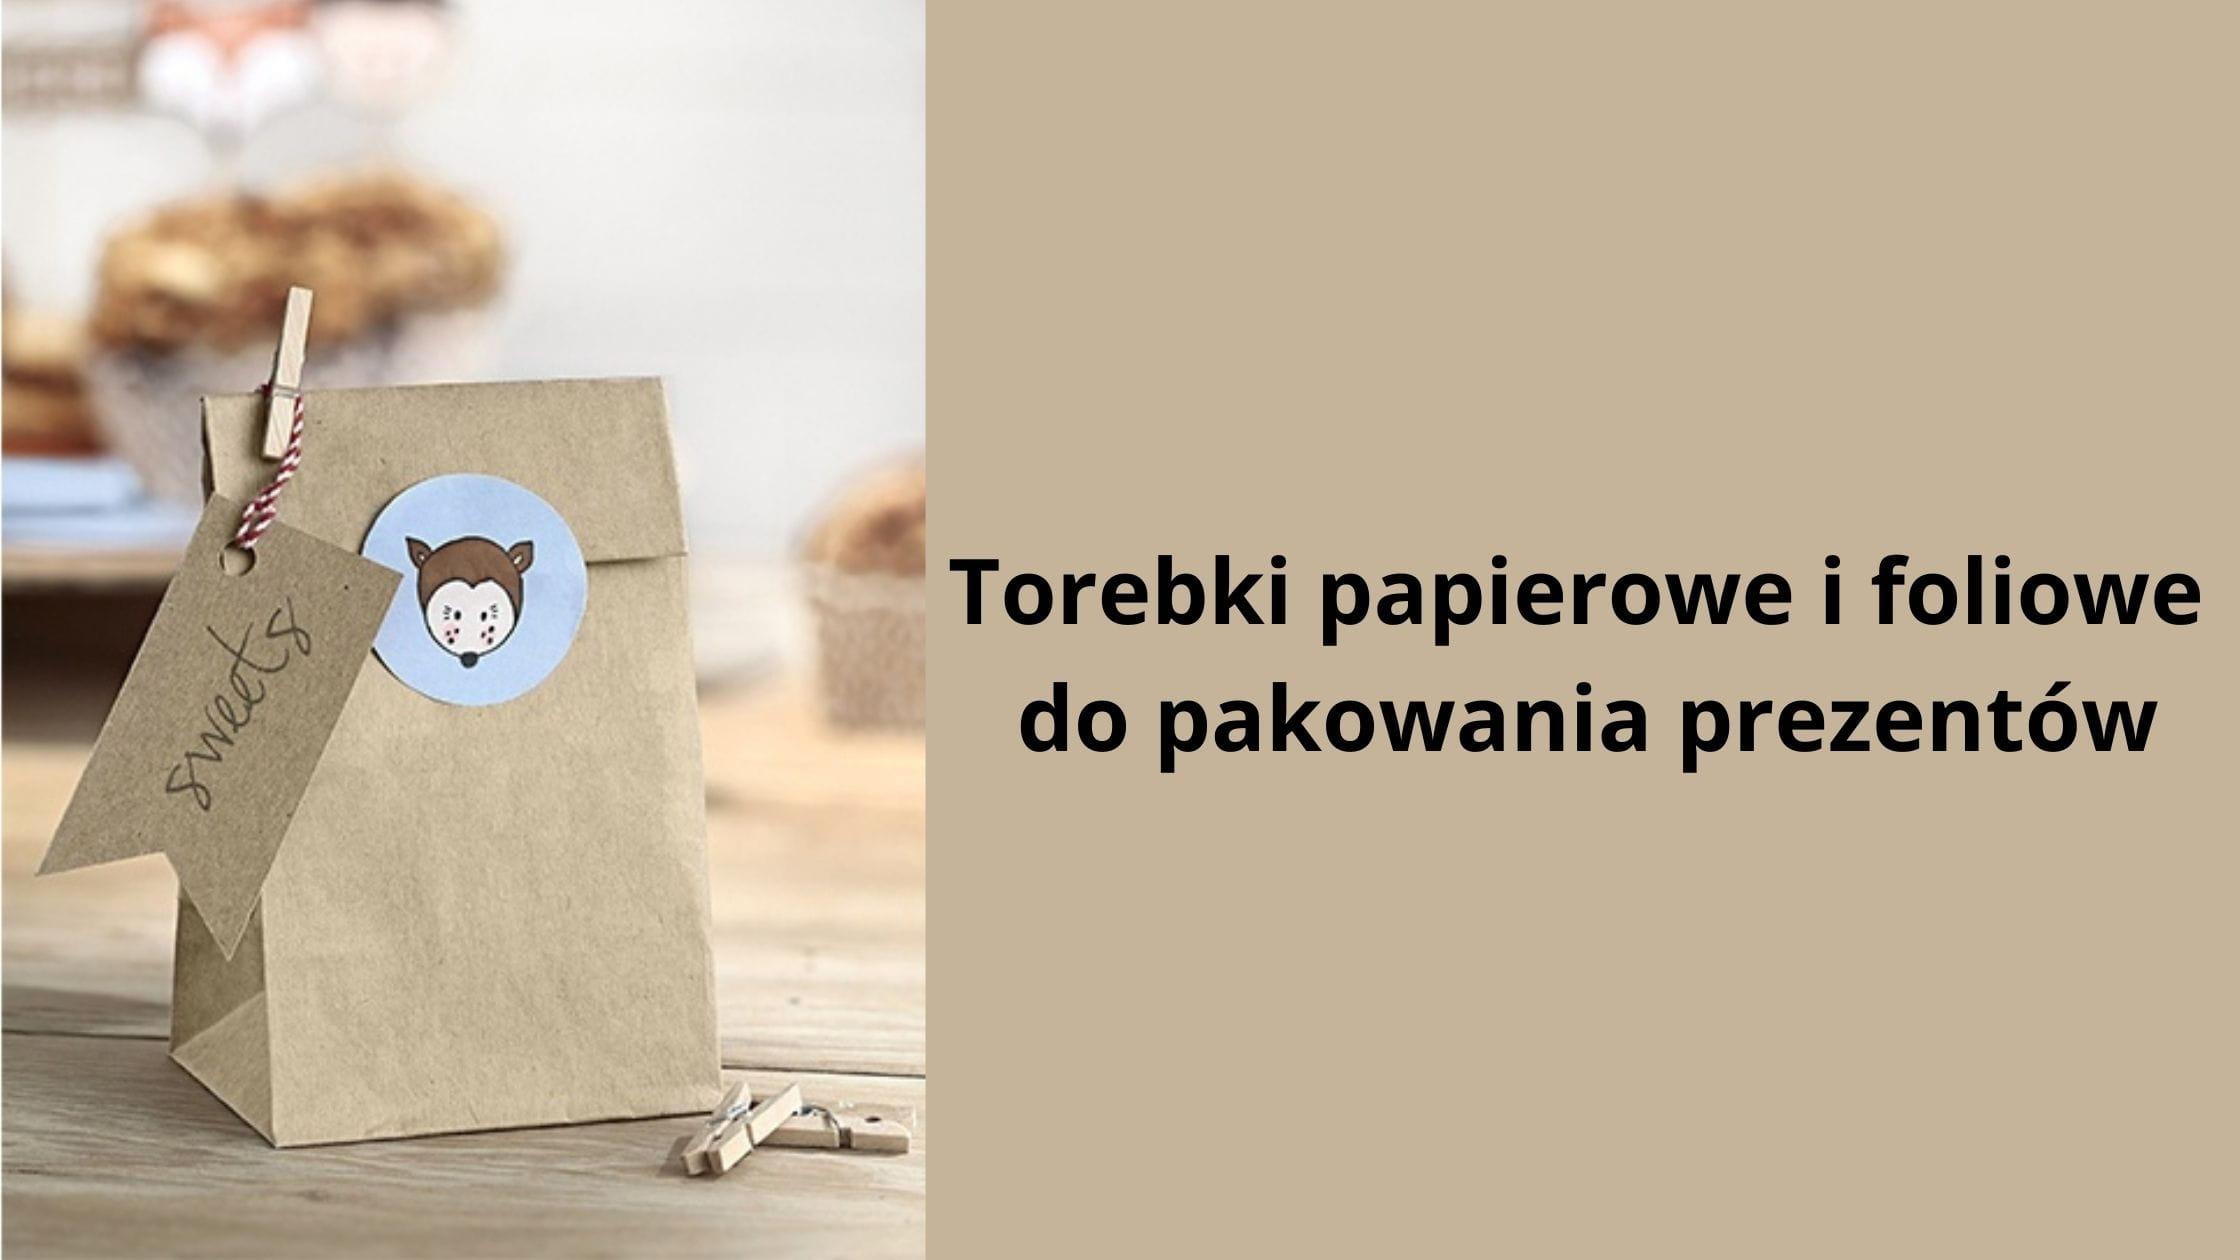 Torebki papierowe i foliowe do pakowania prezentów